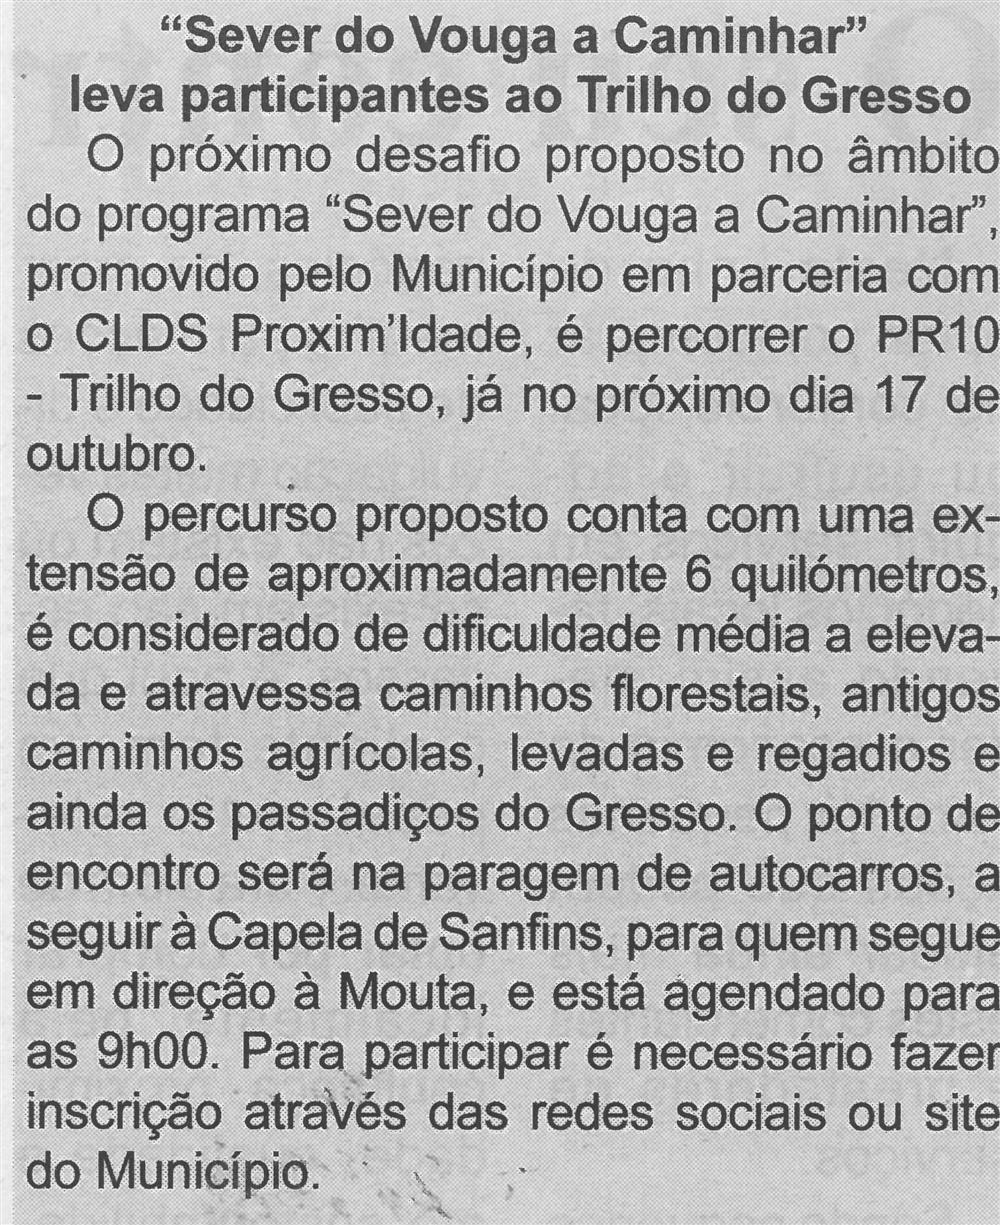 """BV-Ano 59, n.º 1170 (1.ª quinzena out. 2021), p. 7-""""Sever do Vouga a Caminhar"""" leva participantes ao Trilho do Gresso.jpg"""